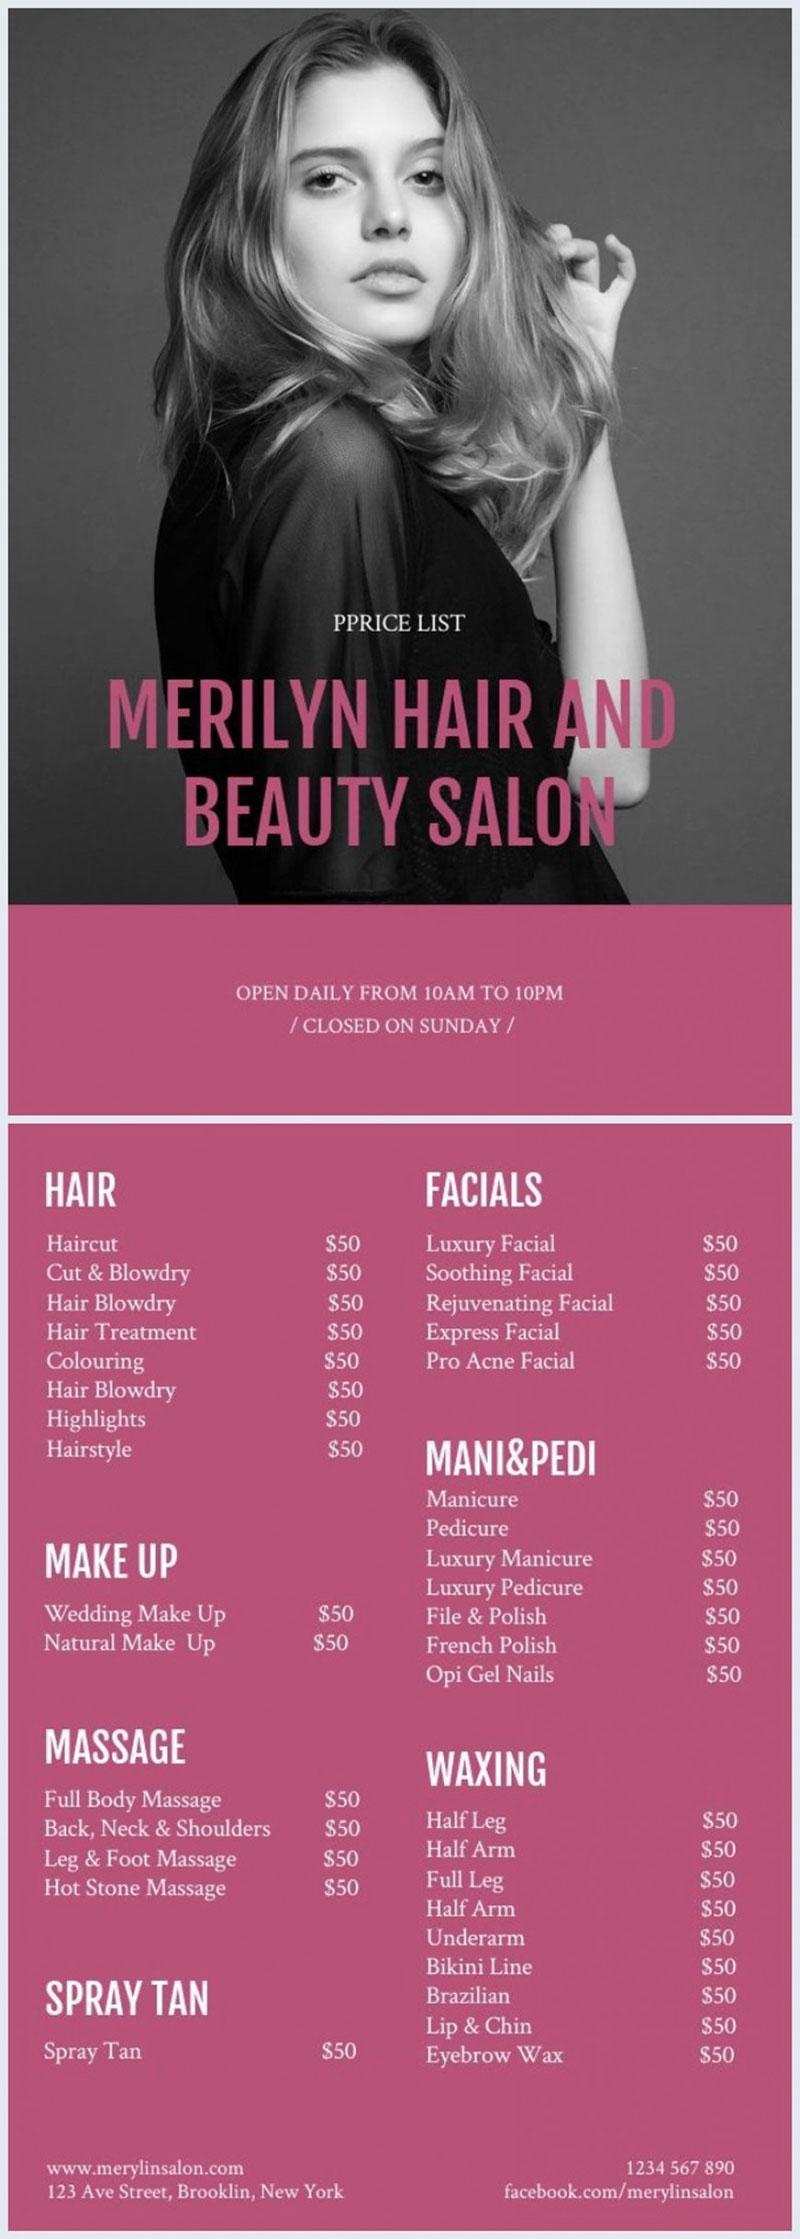 Merilyn Hair and Beauty Salon